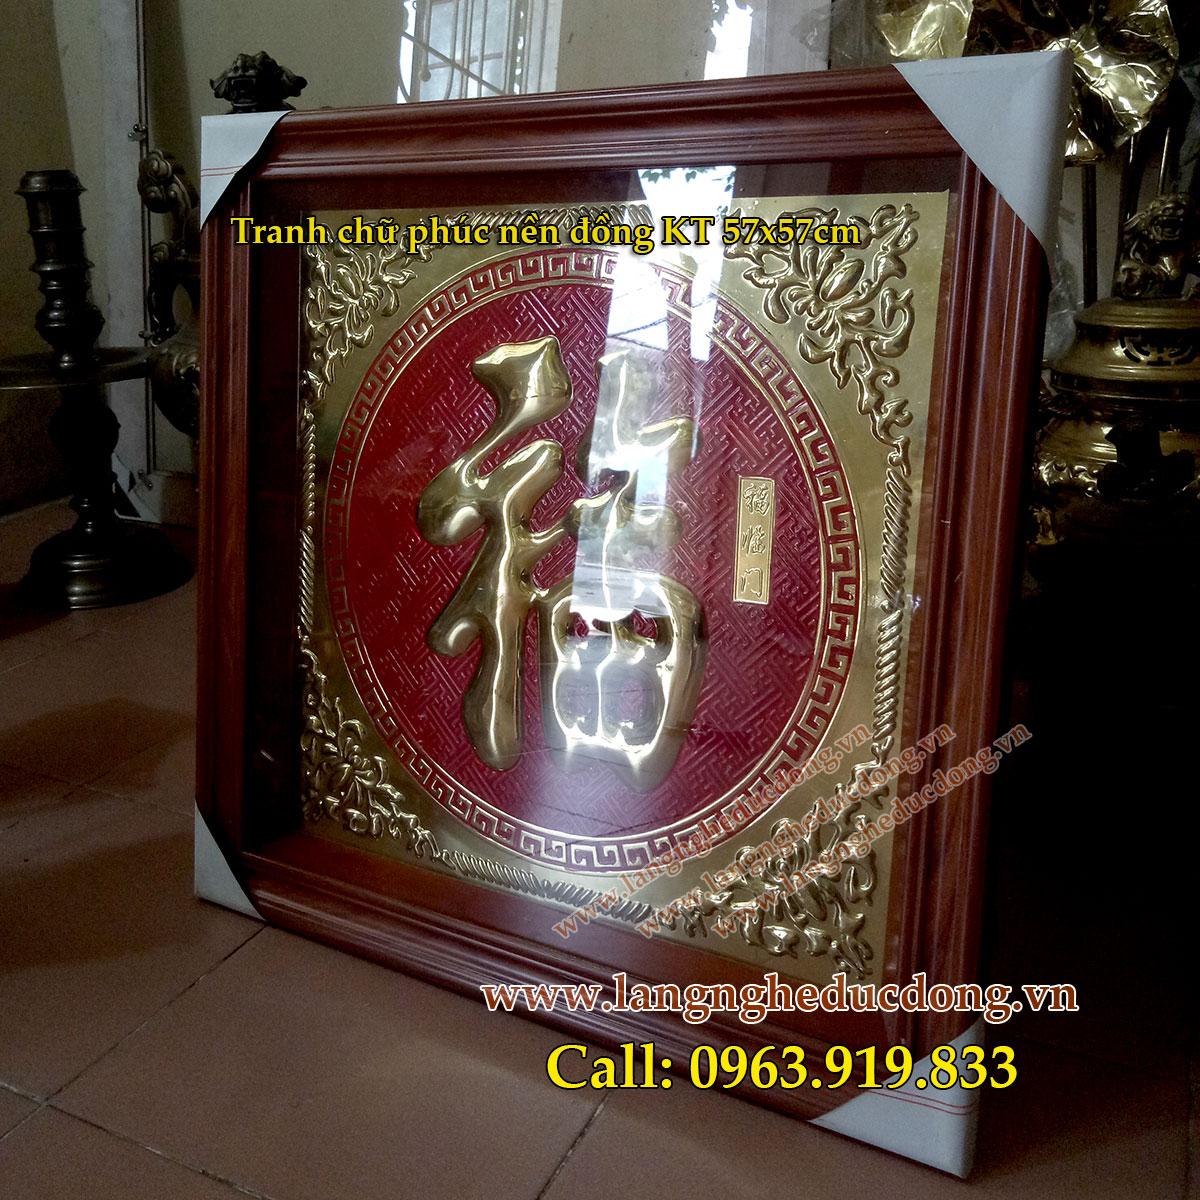 1 Tranh đồng chữ phúc kích thước 57x57cm, bán tranh đồng, bán tranh chữ phúc